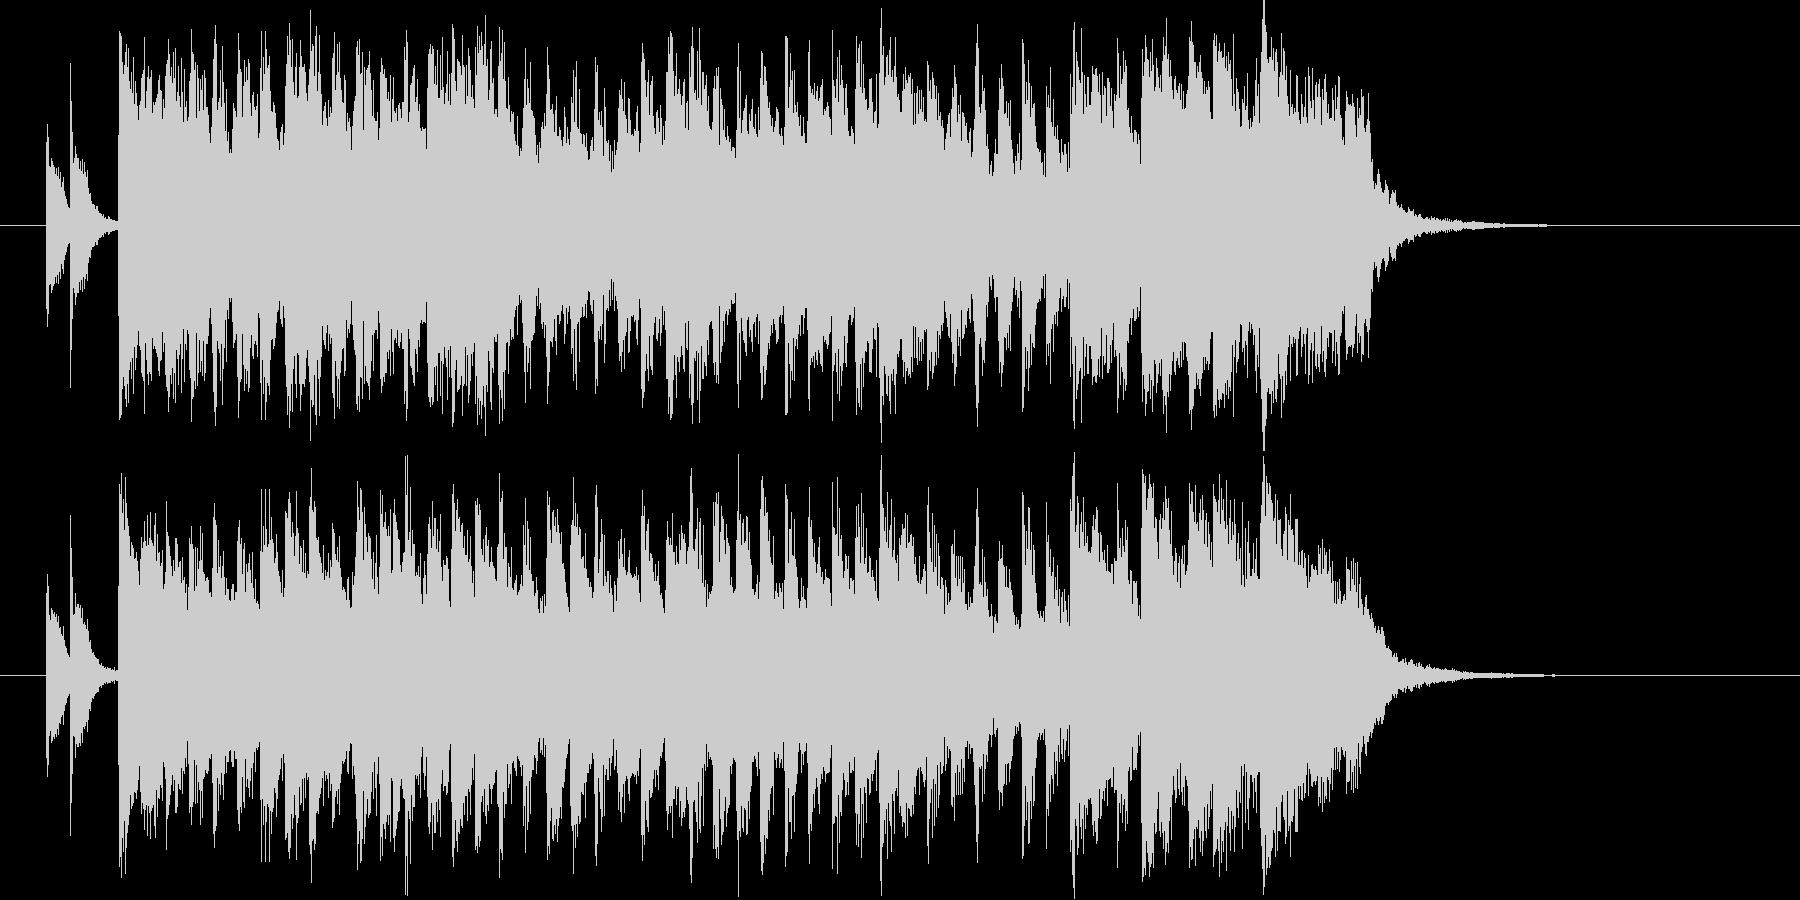 キラキラ 1980s ポップスの未再生の波形